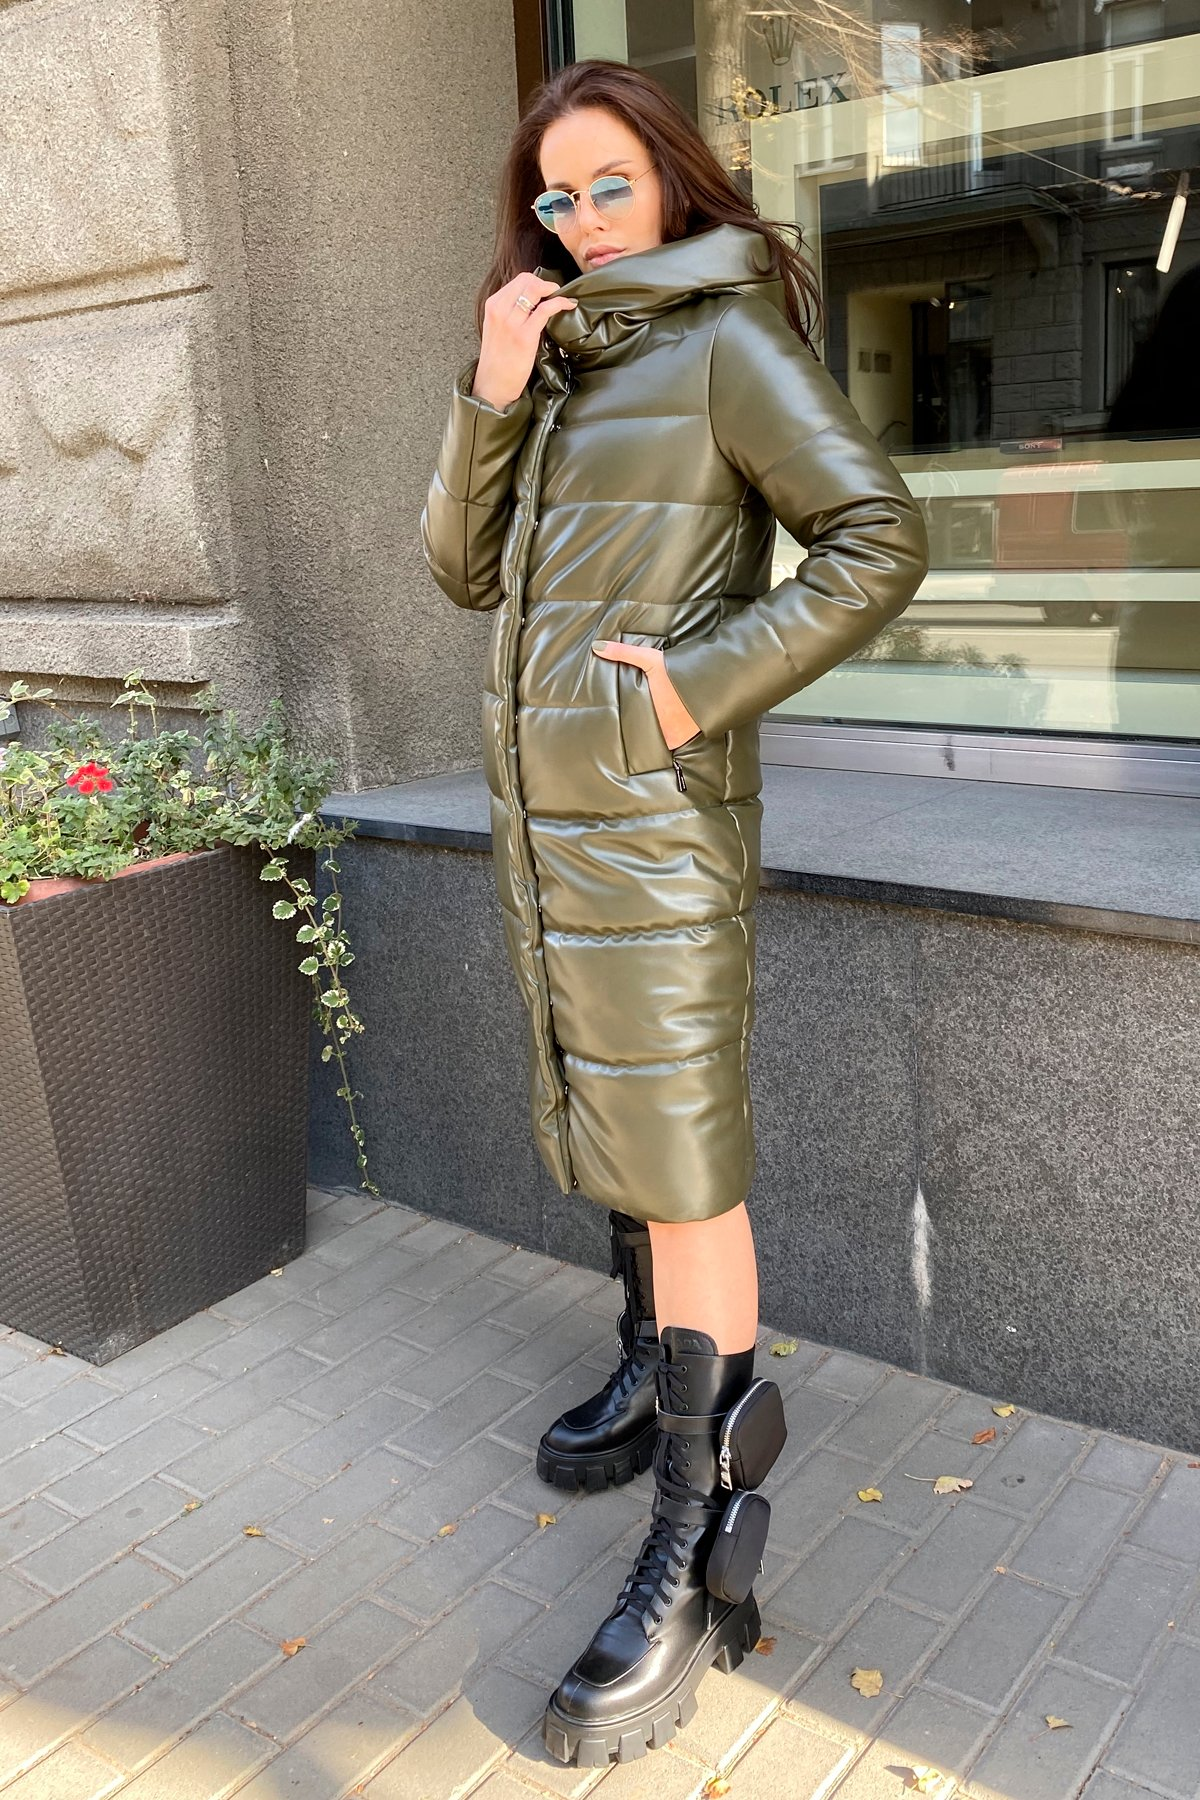 Удлиненный зимний пуховик из экокожи Сигма 8620 АРТ. 44968 Цвет: Хаки - фото 14, интернет магазин tm-modus.ru